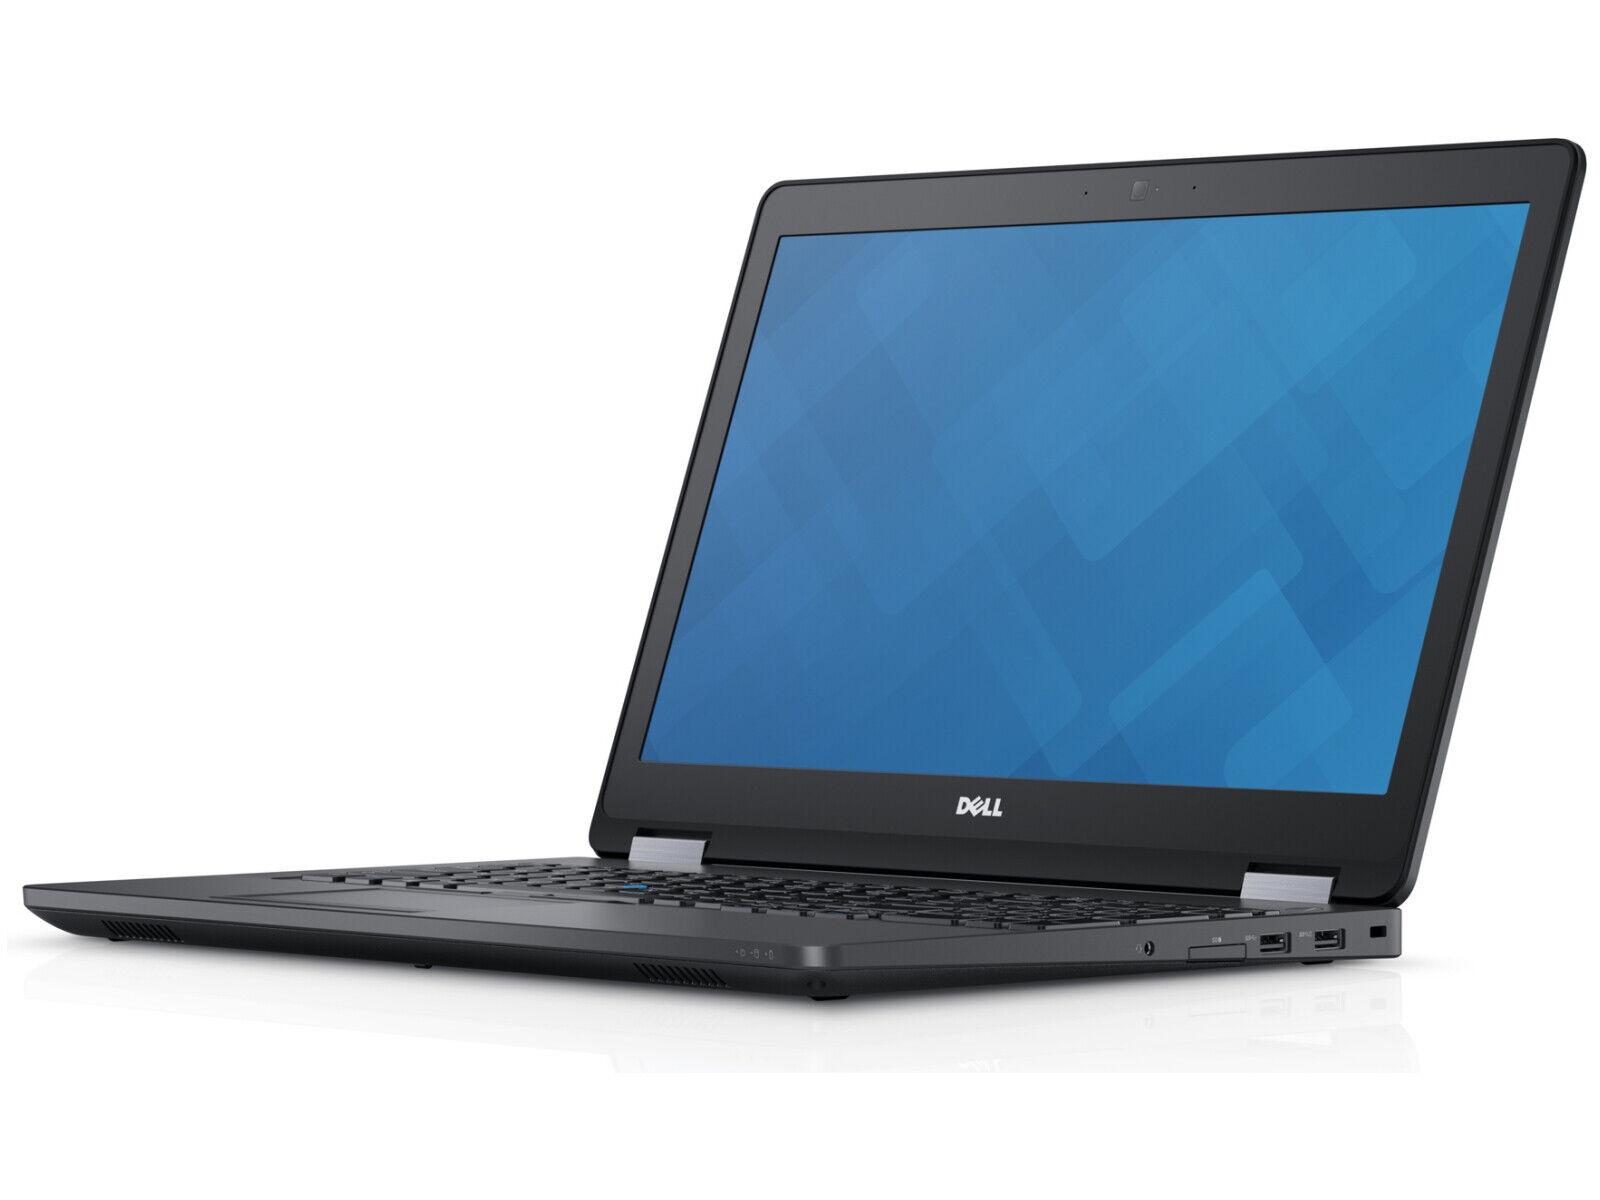 """Laptop Windows - Dell Latitude E5570 i5 6300u 2.40Ghz 8Gb Ram 256Gb SSD 15.6"""" FHD Win 10 Pro"""